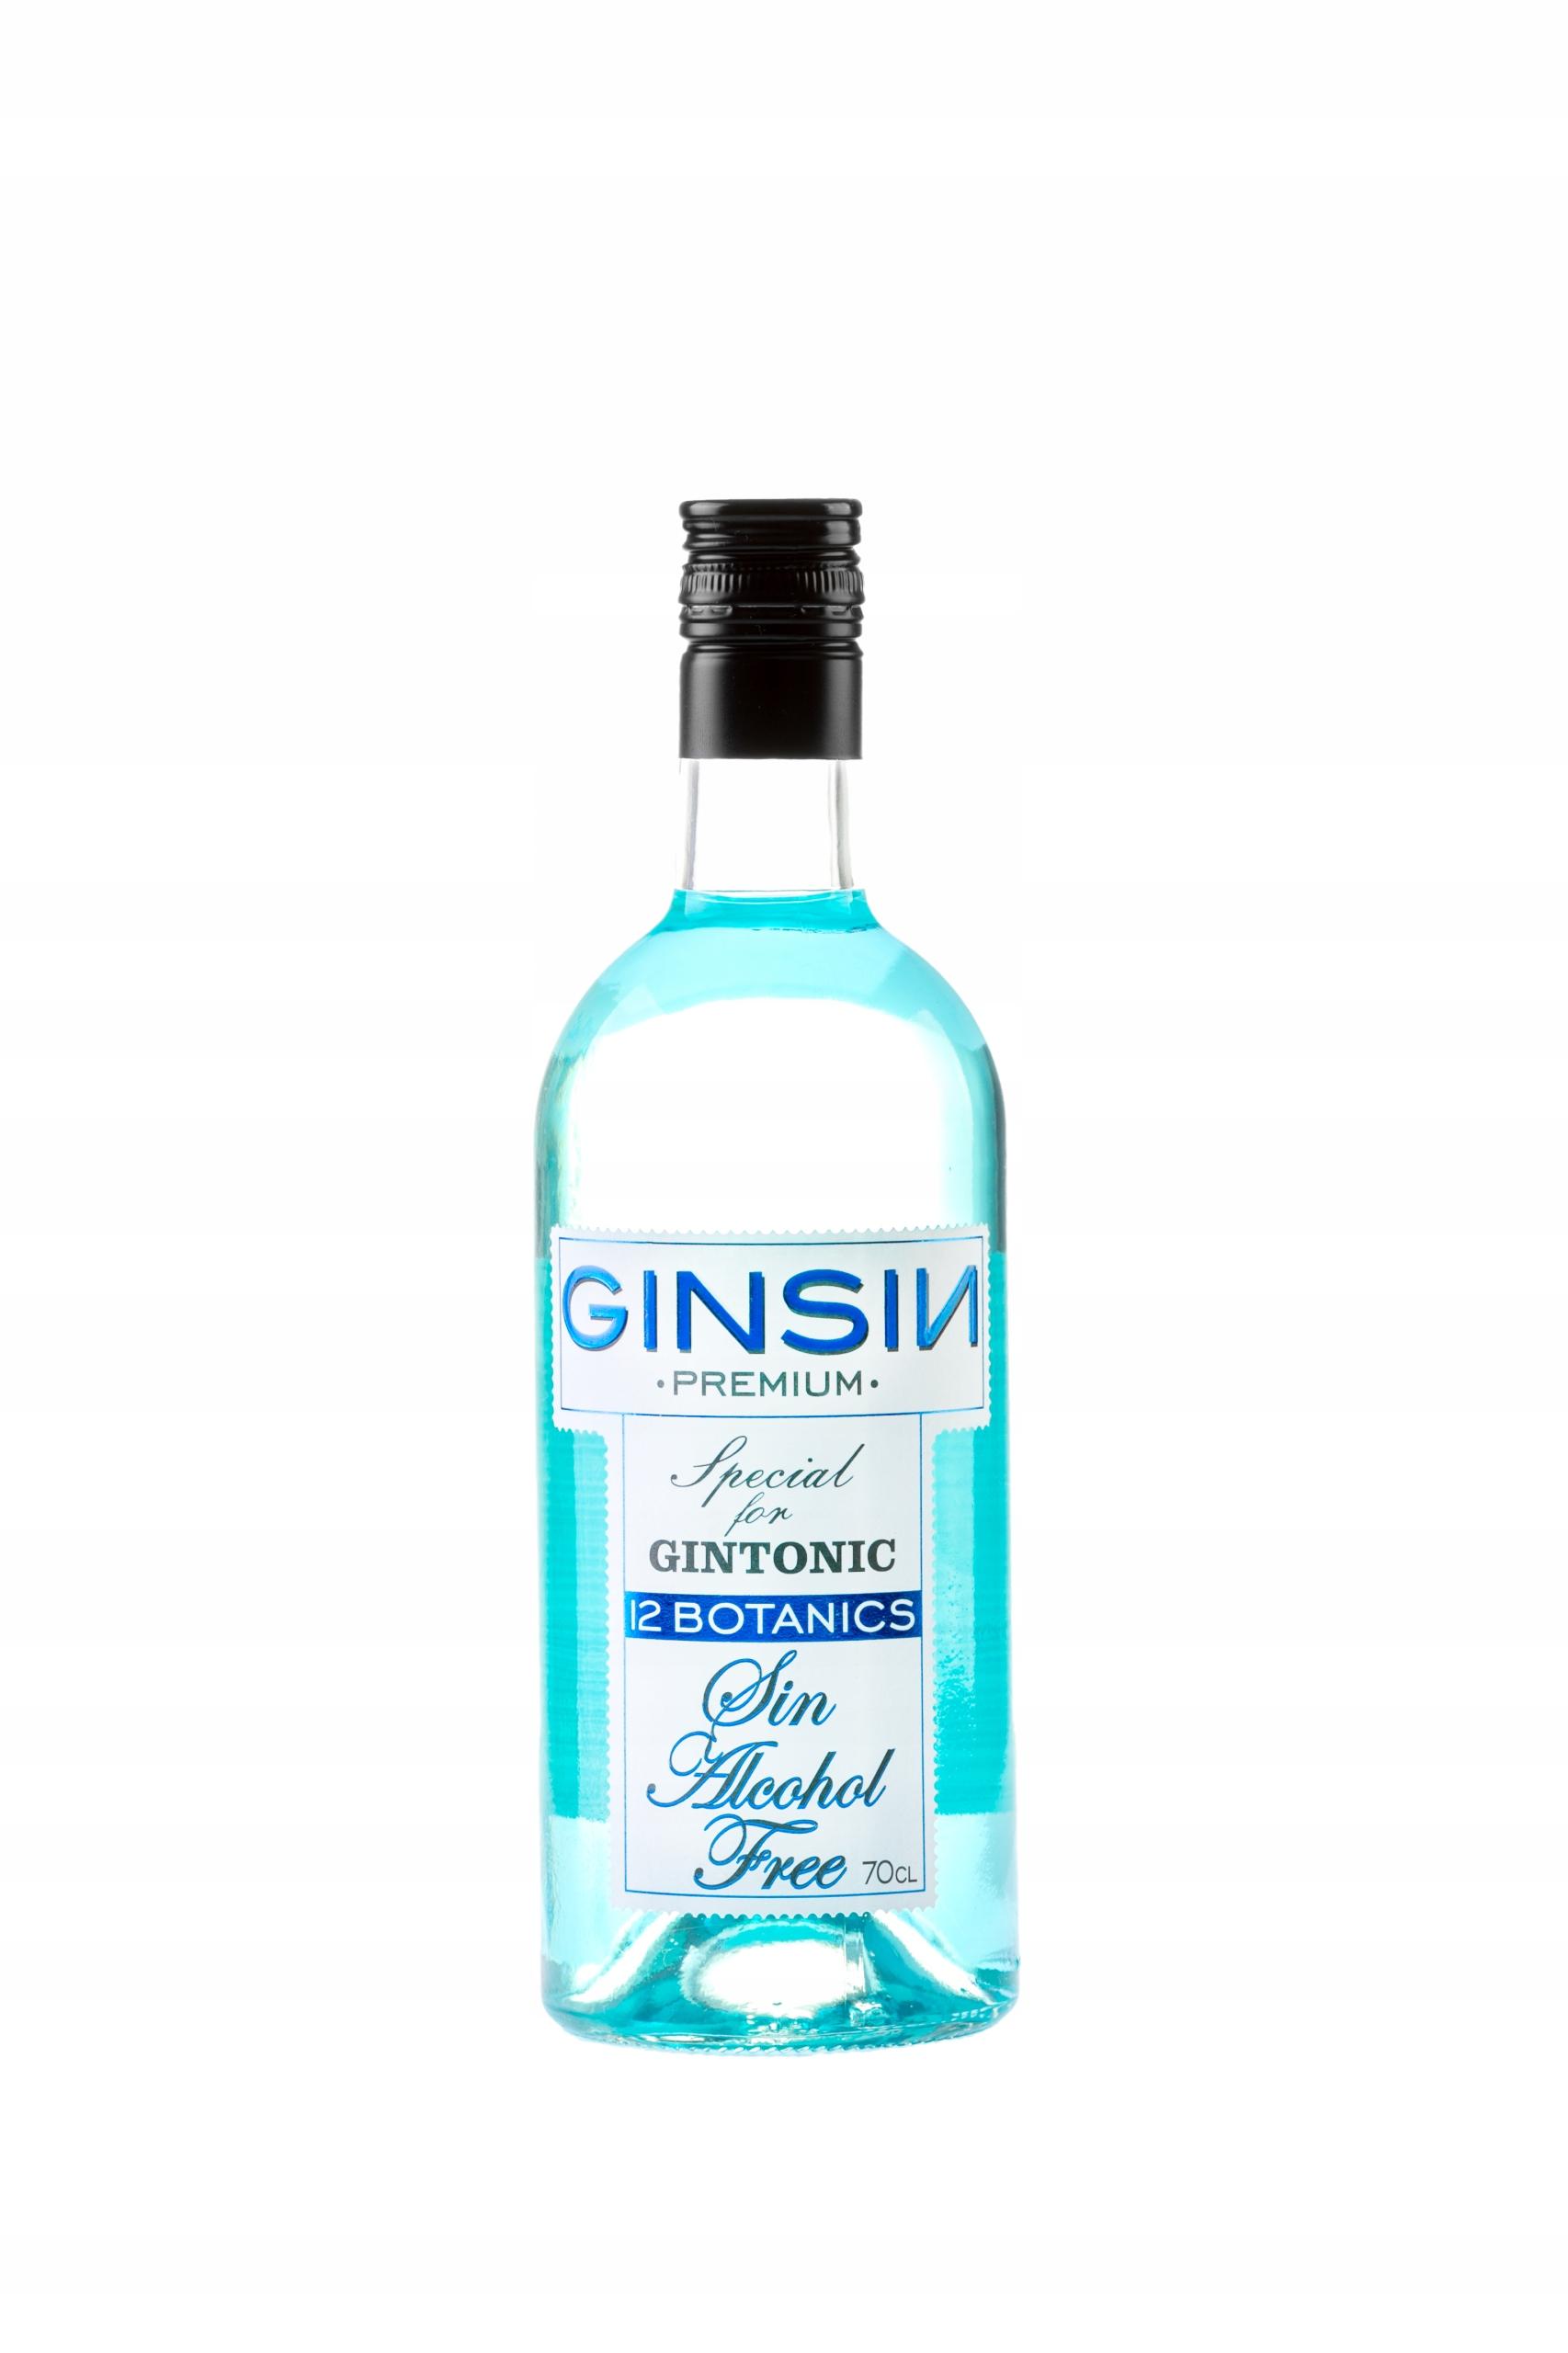 Gin nealkoholické 0% 12 byliny